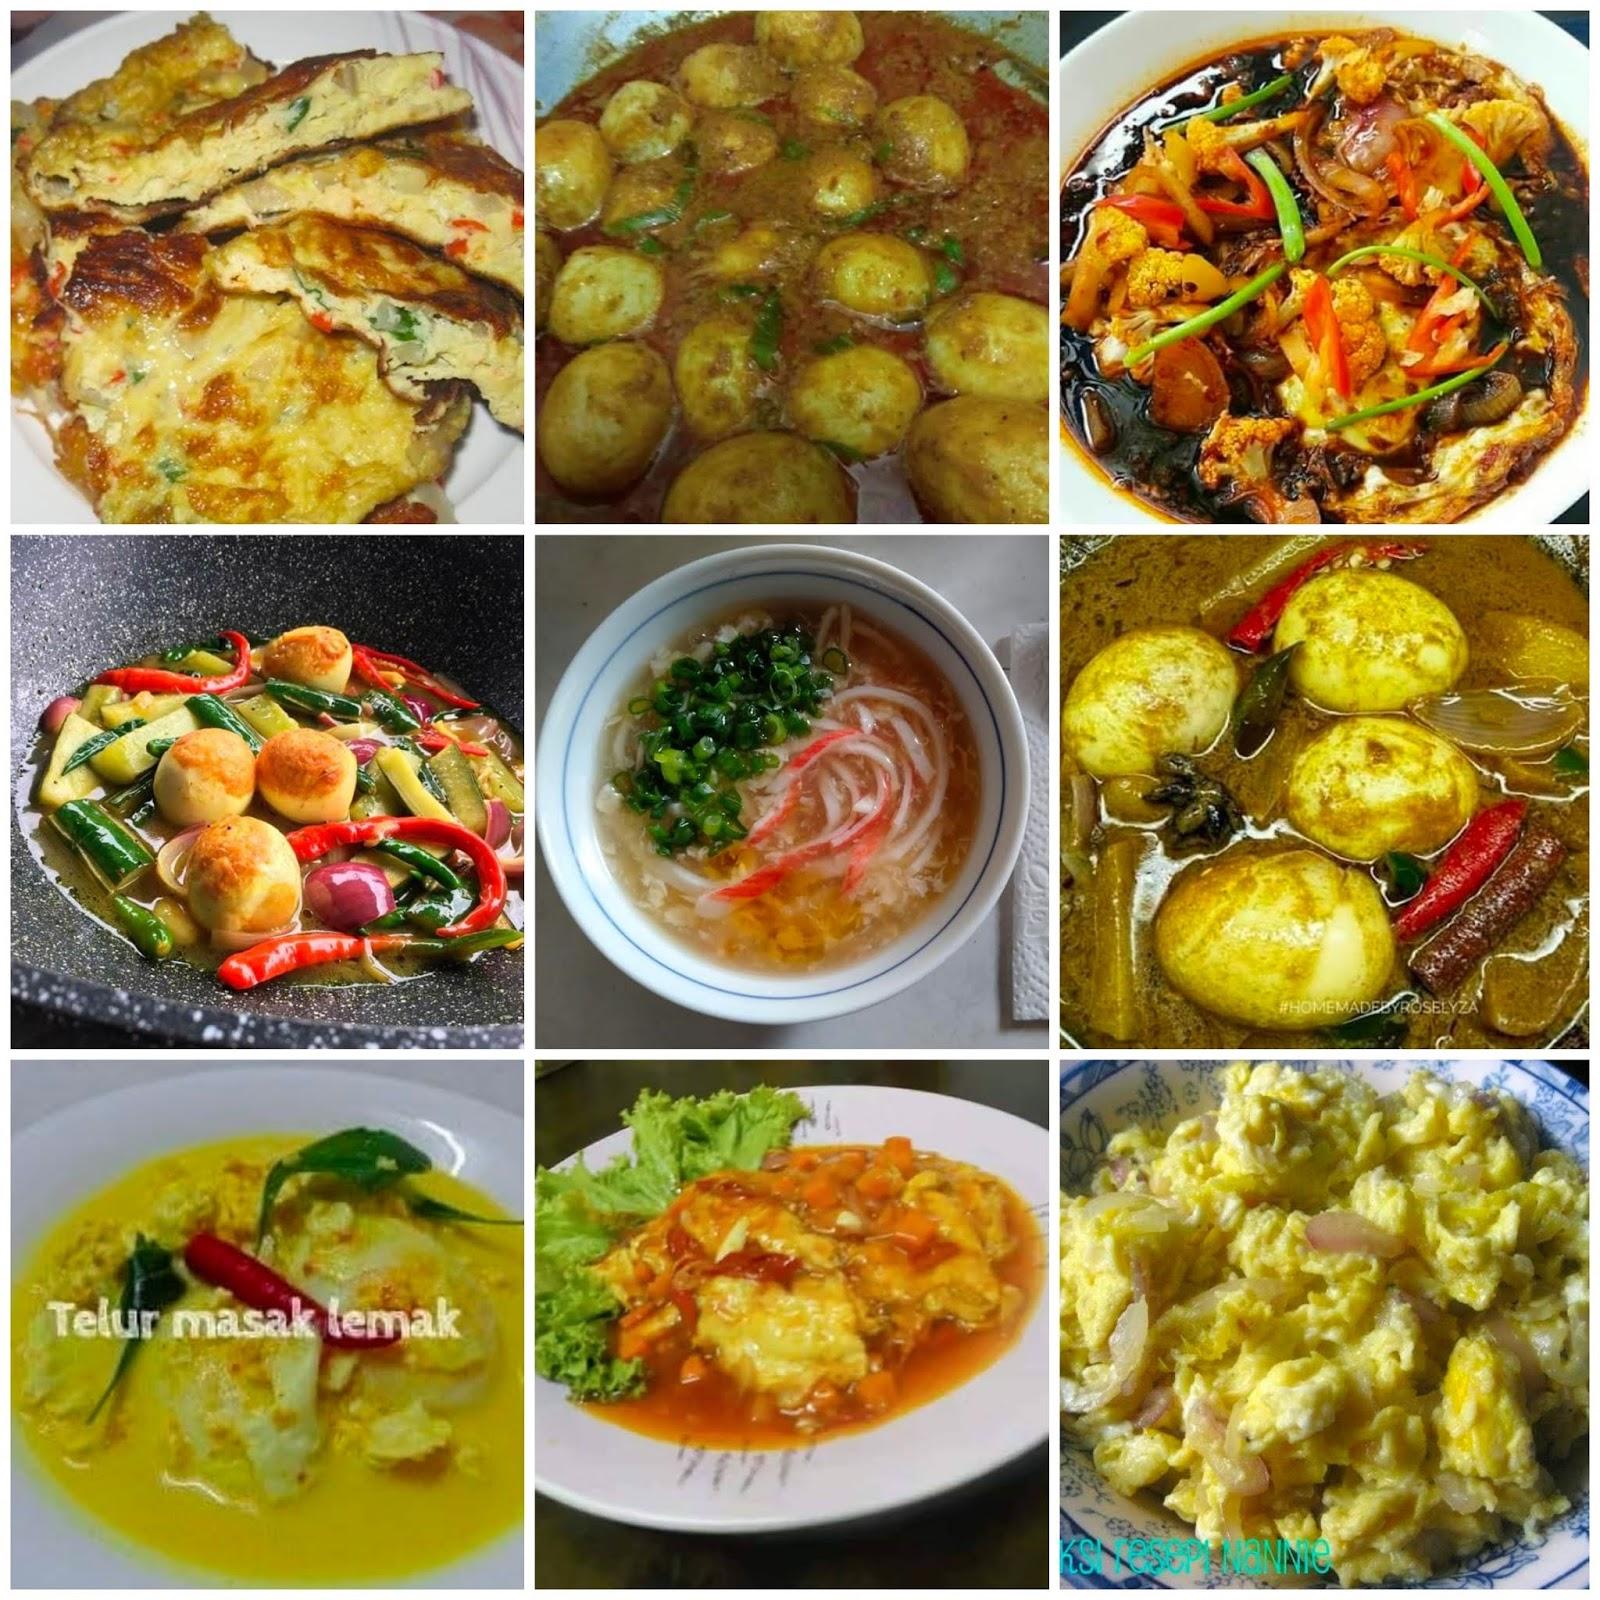 menu sahur  kenyang lebih  semasa berpuasa  idea resepi telur marina bashah Resepi Daging Masak Bistik Enak dan Mudah